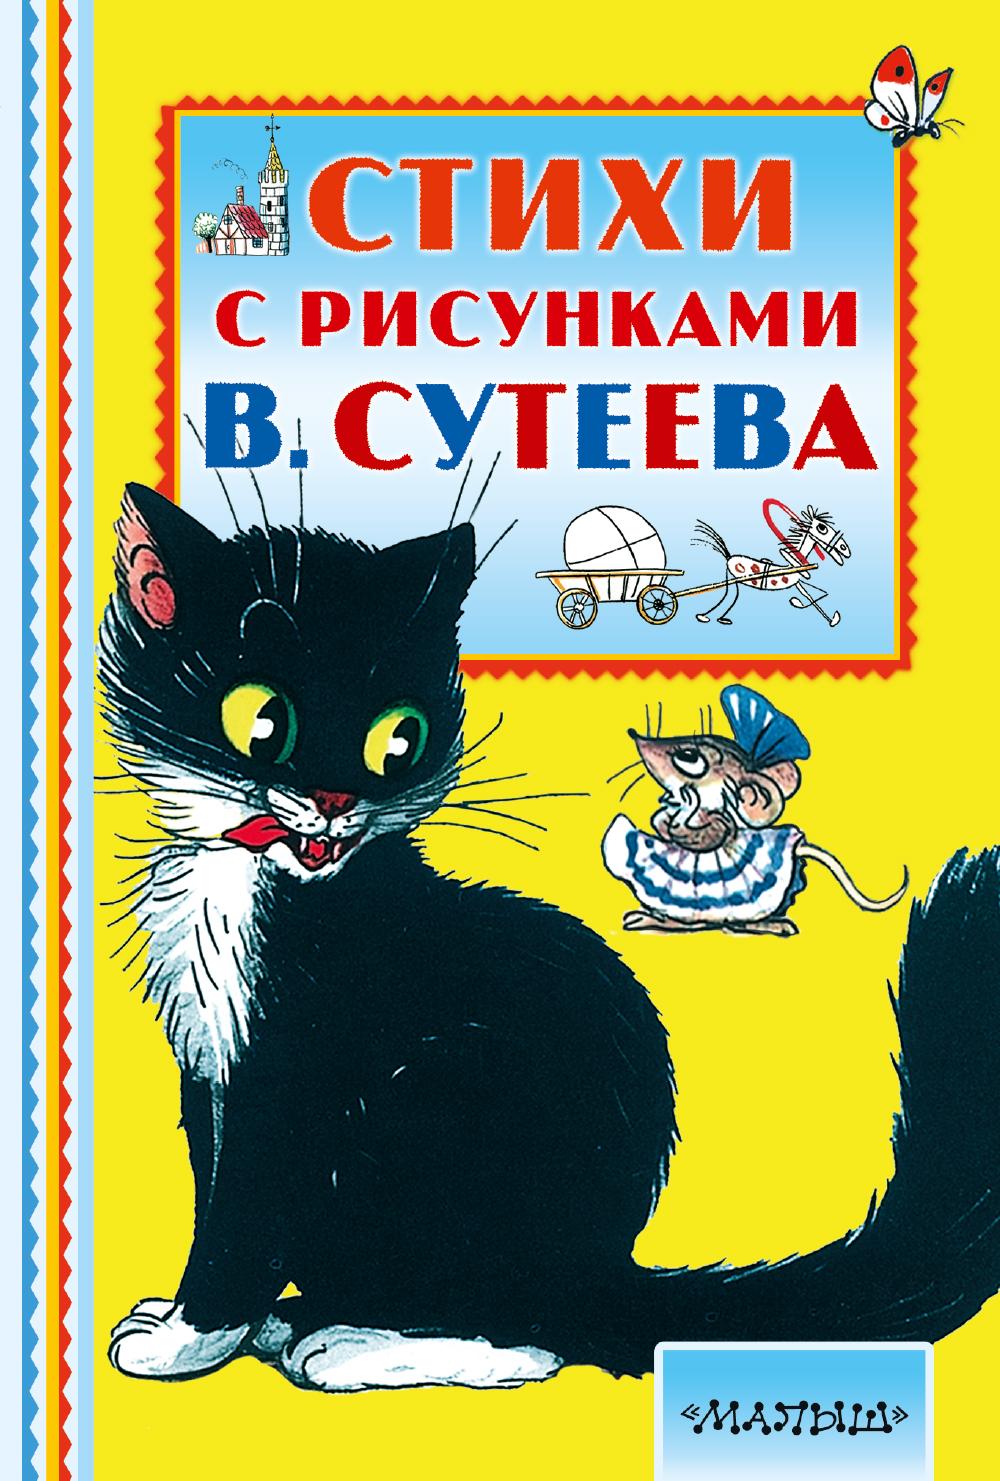 Стихи с рисунками В. Сутеева